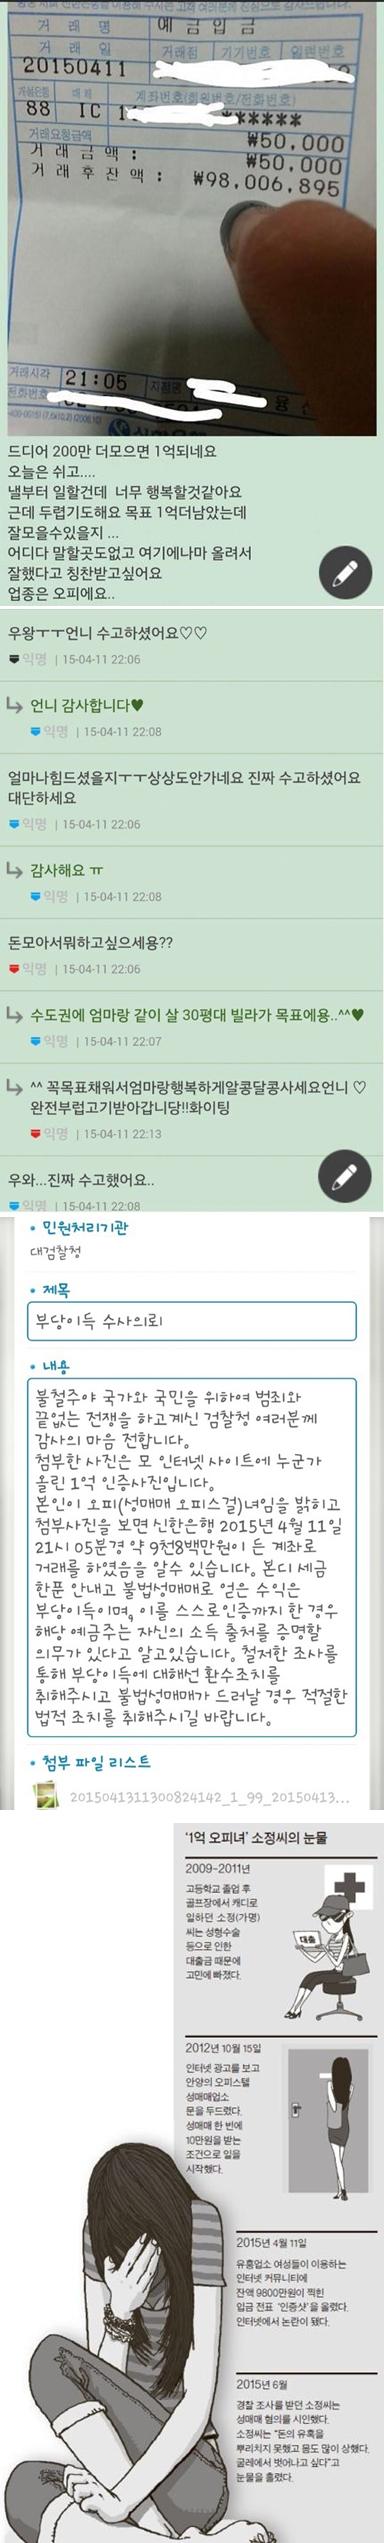 [국민 조무사들에게 고함 - 1] 천조(天朝)와 동..